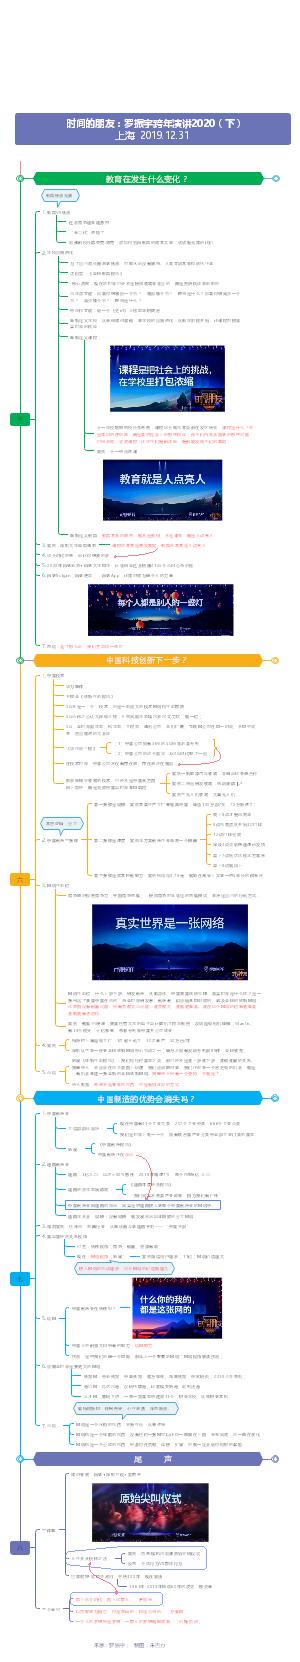 时间的朋友 罗振宇得到跨年演讲2020(下)